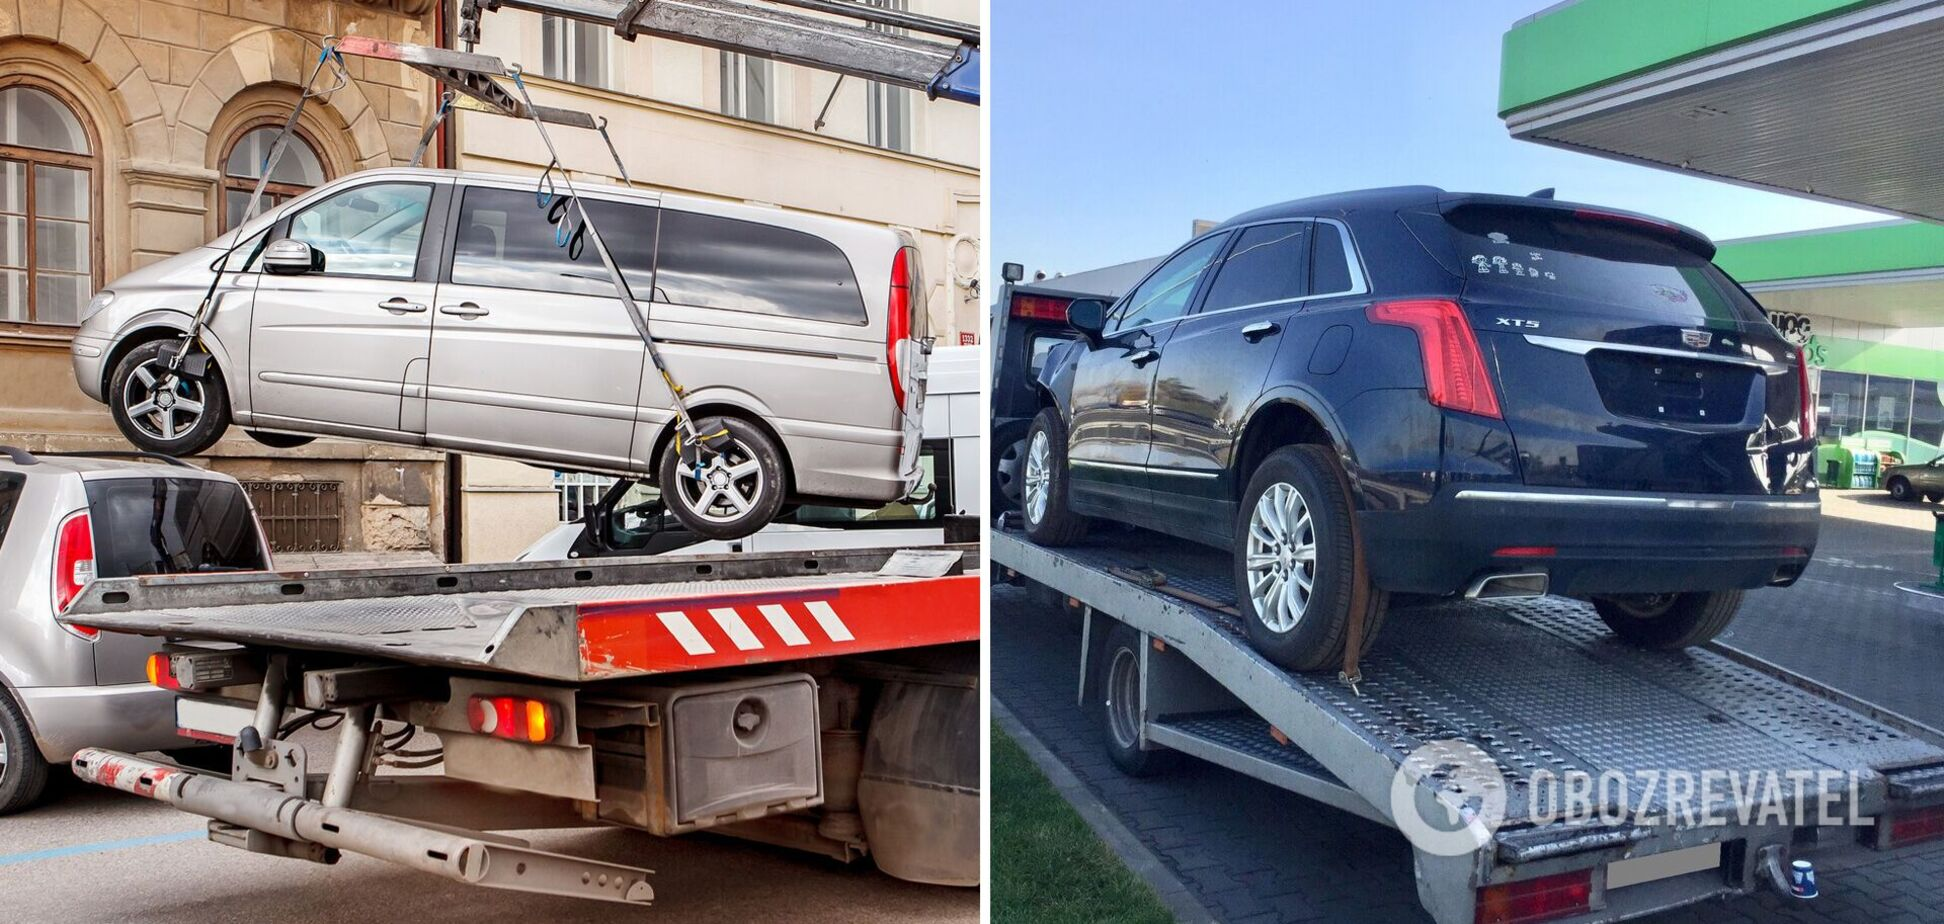 Авто українців дряпають і кидають прямо на дорогу: як відшкодувати збиток за евакуацію авто